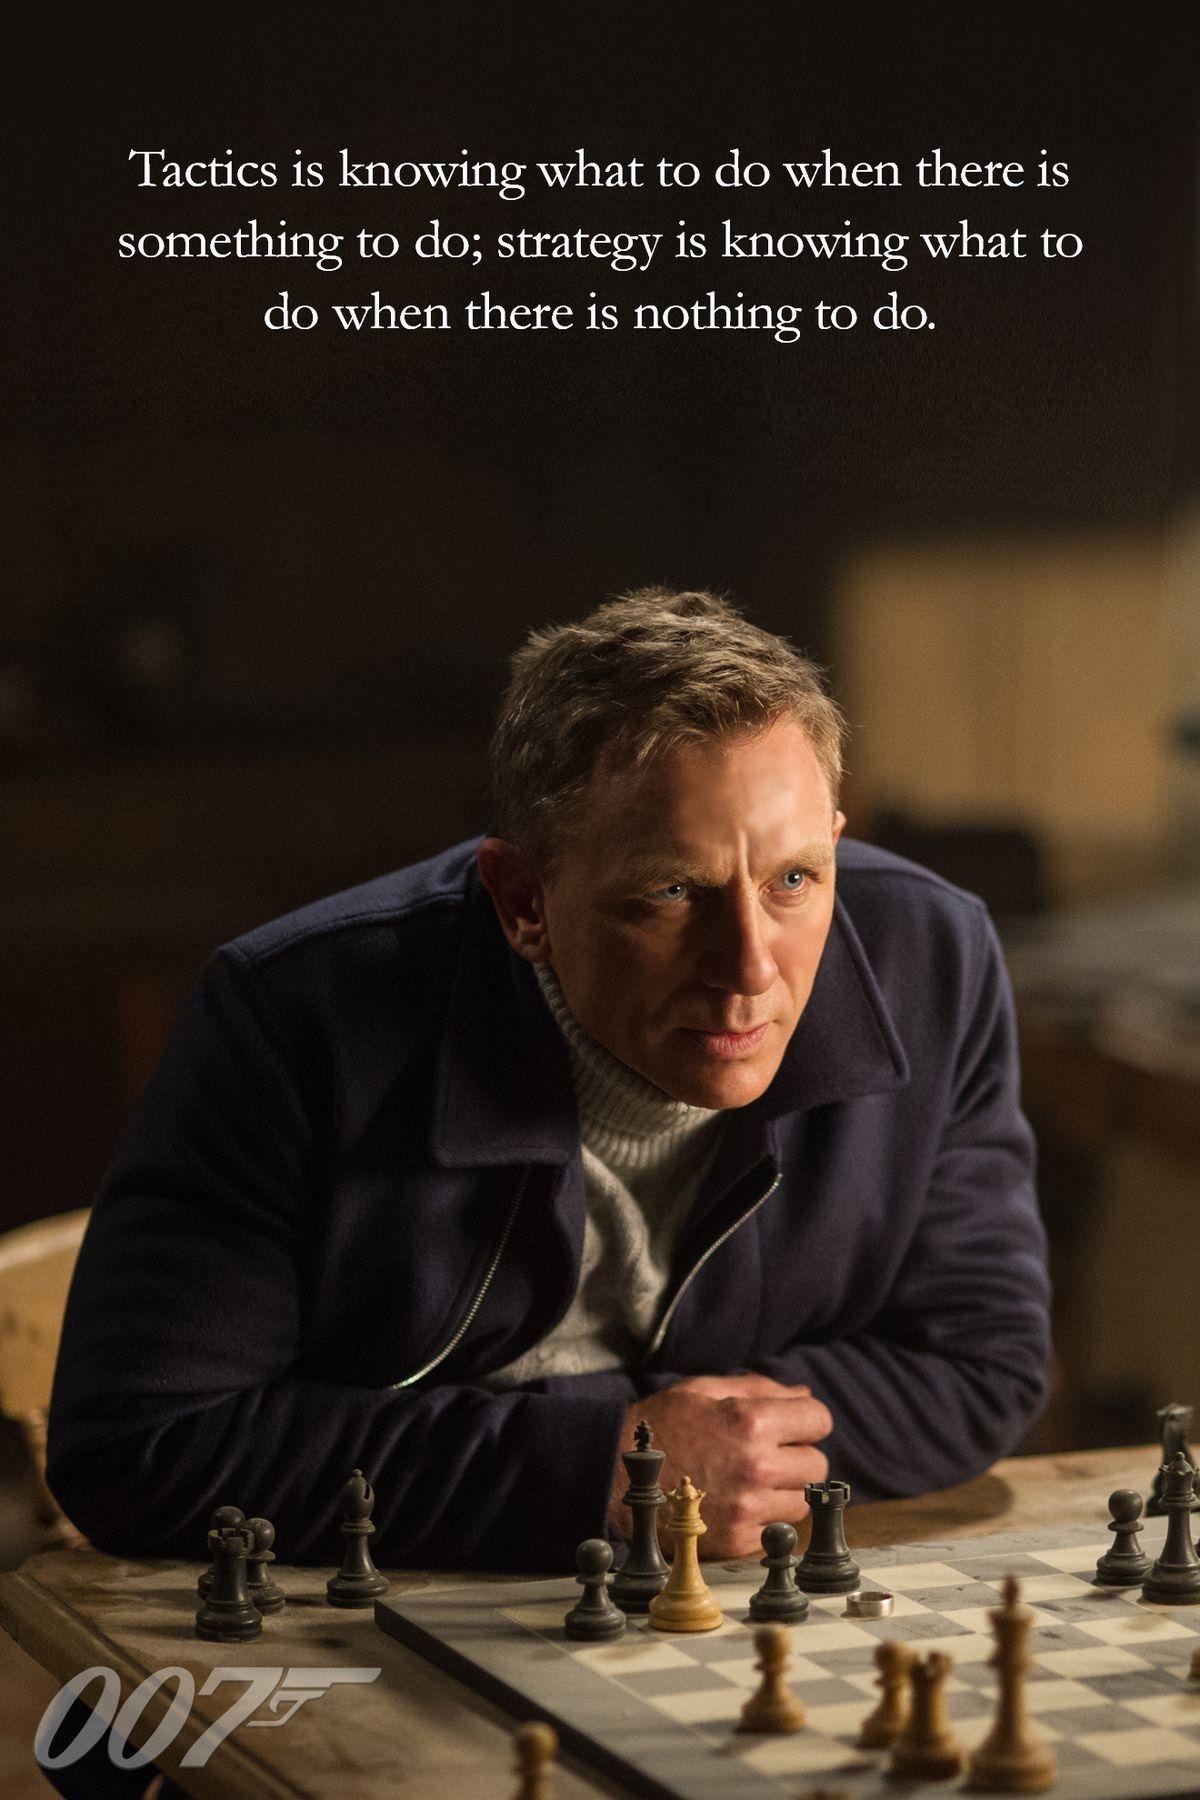 James Bond Quotes Bond Quotes James Bond Quotes Wisdom